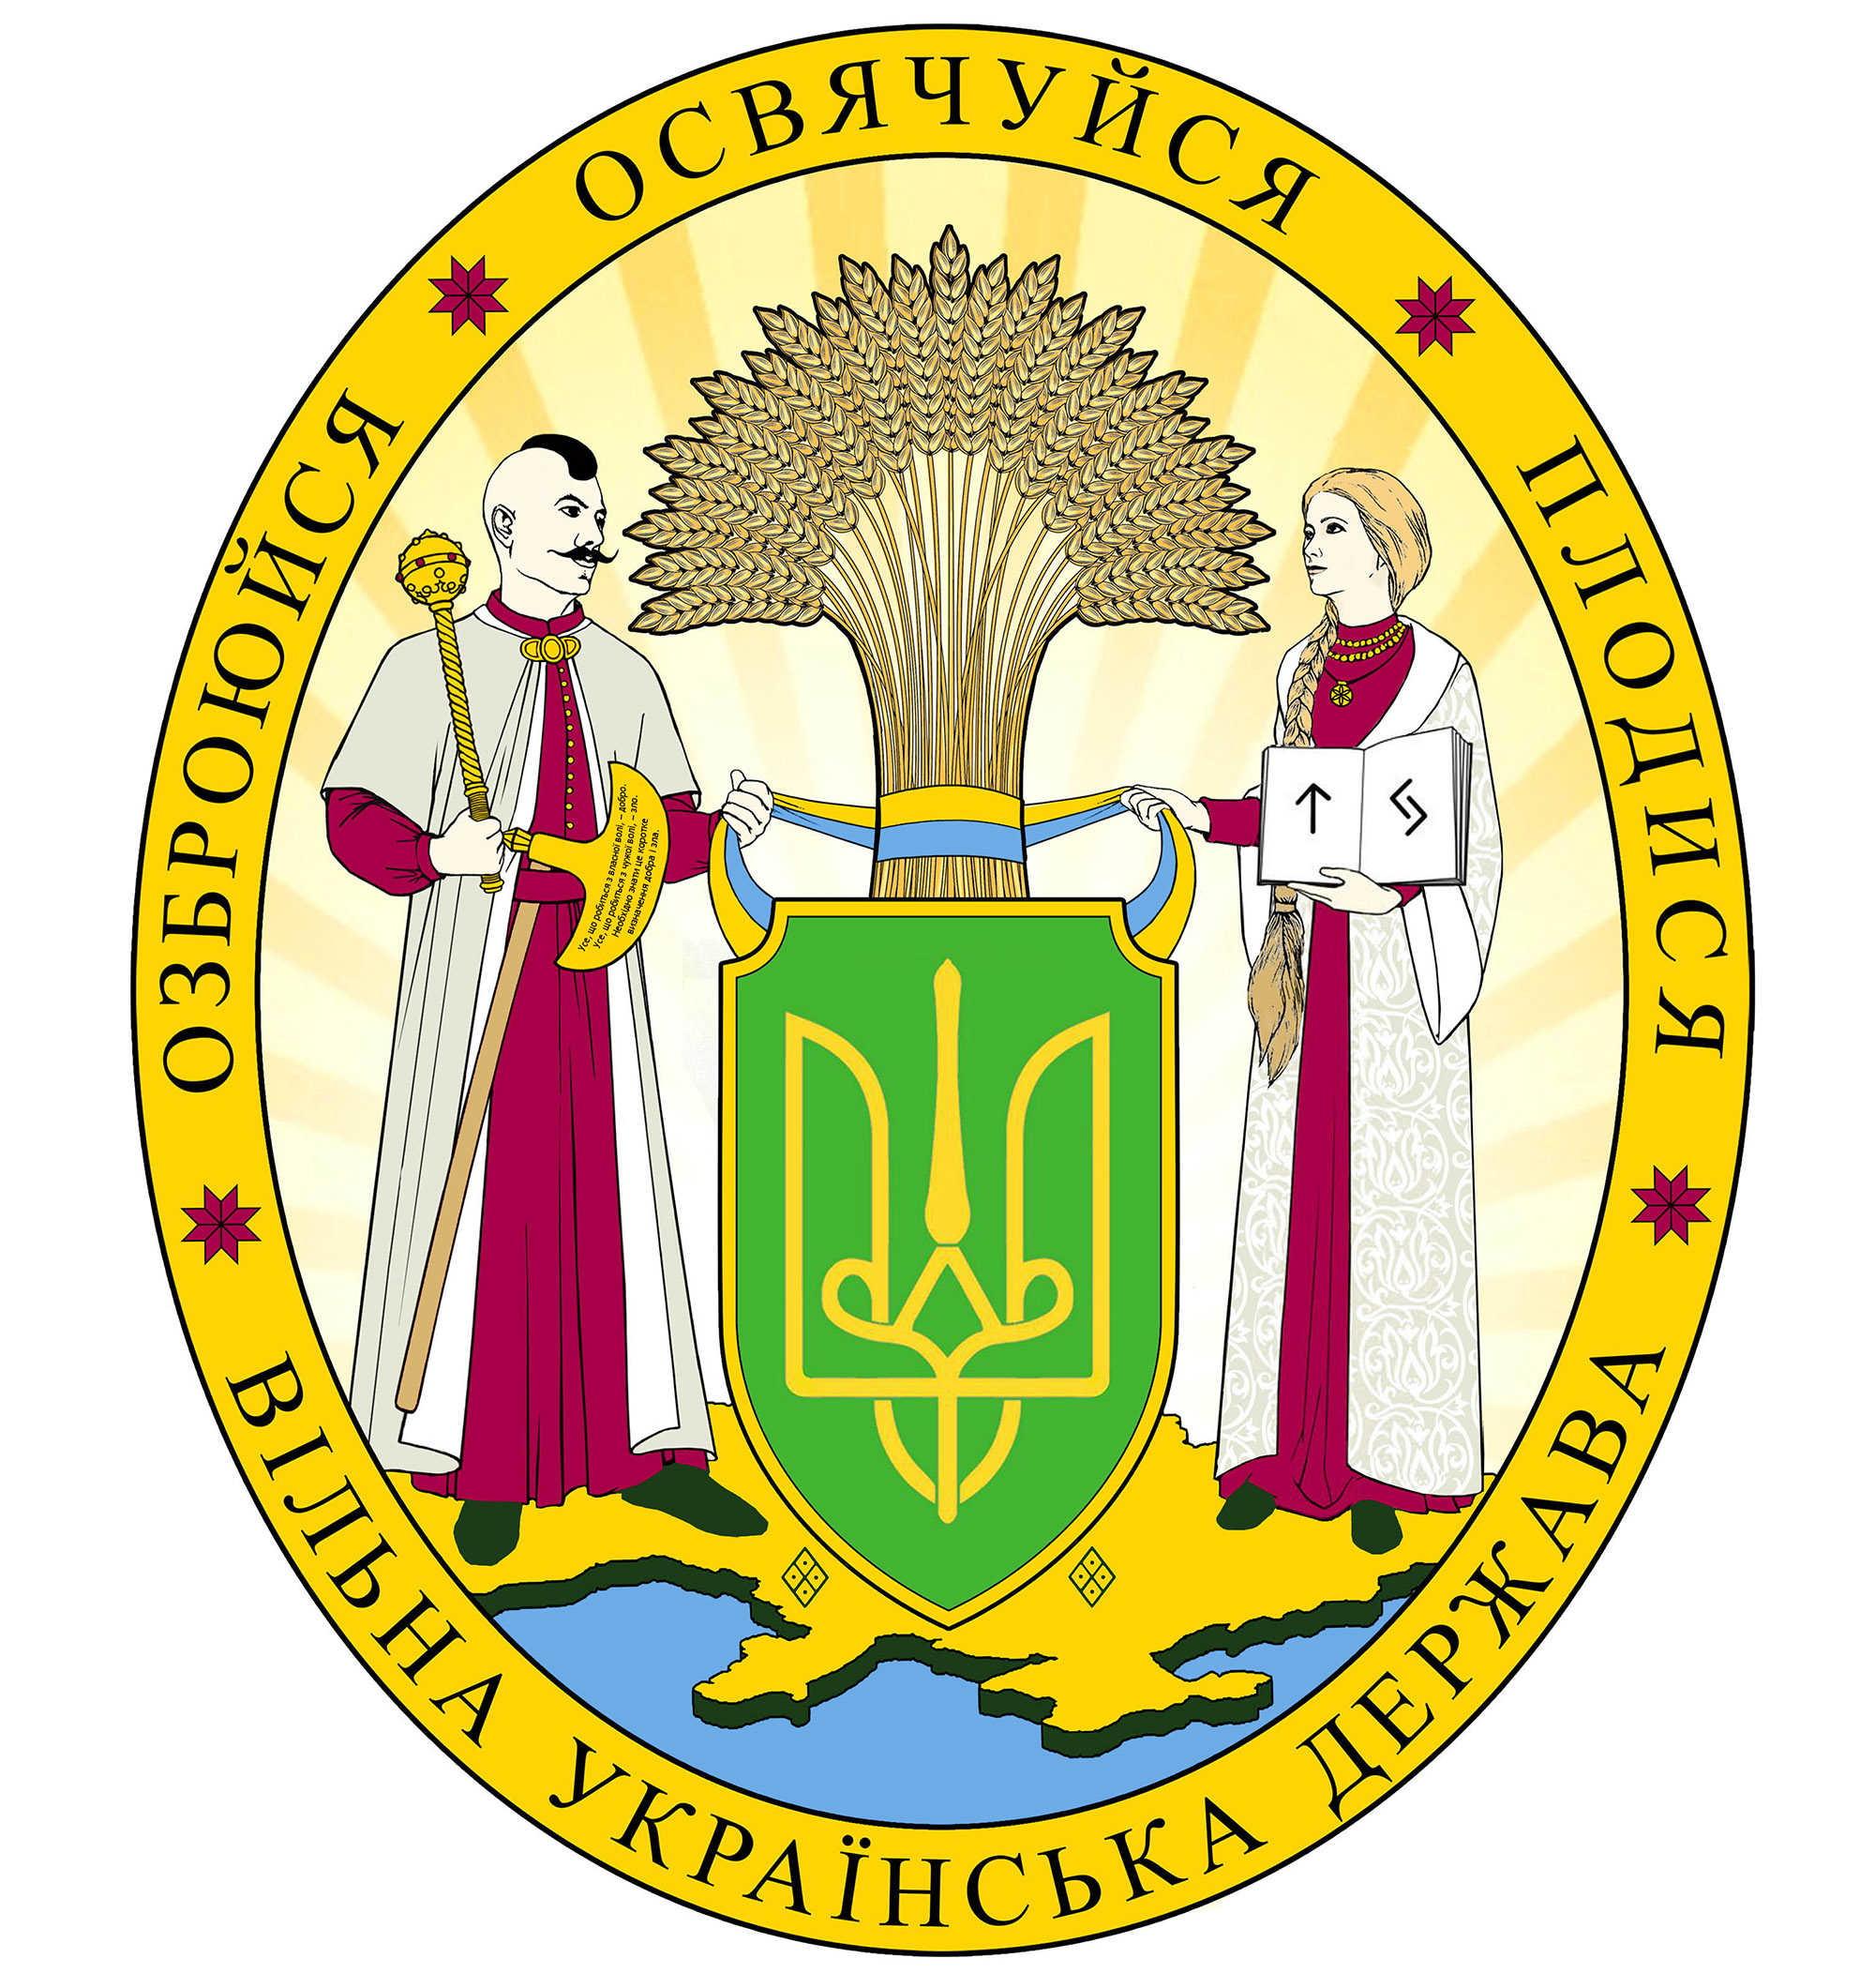 Украине не нужен большой герб, - историк-геральдист Гречило - Цензор.НЕТ 3732